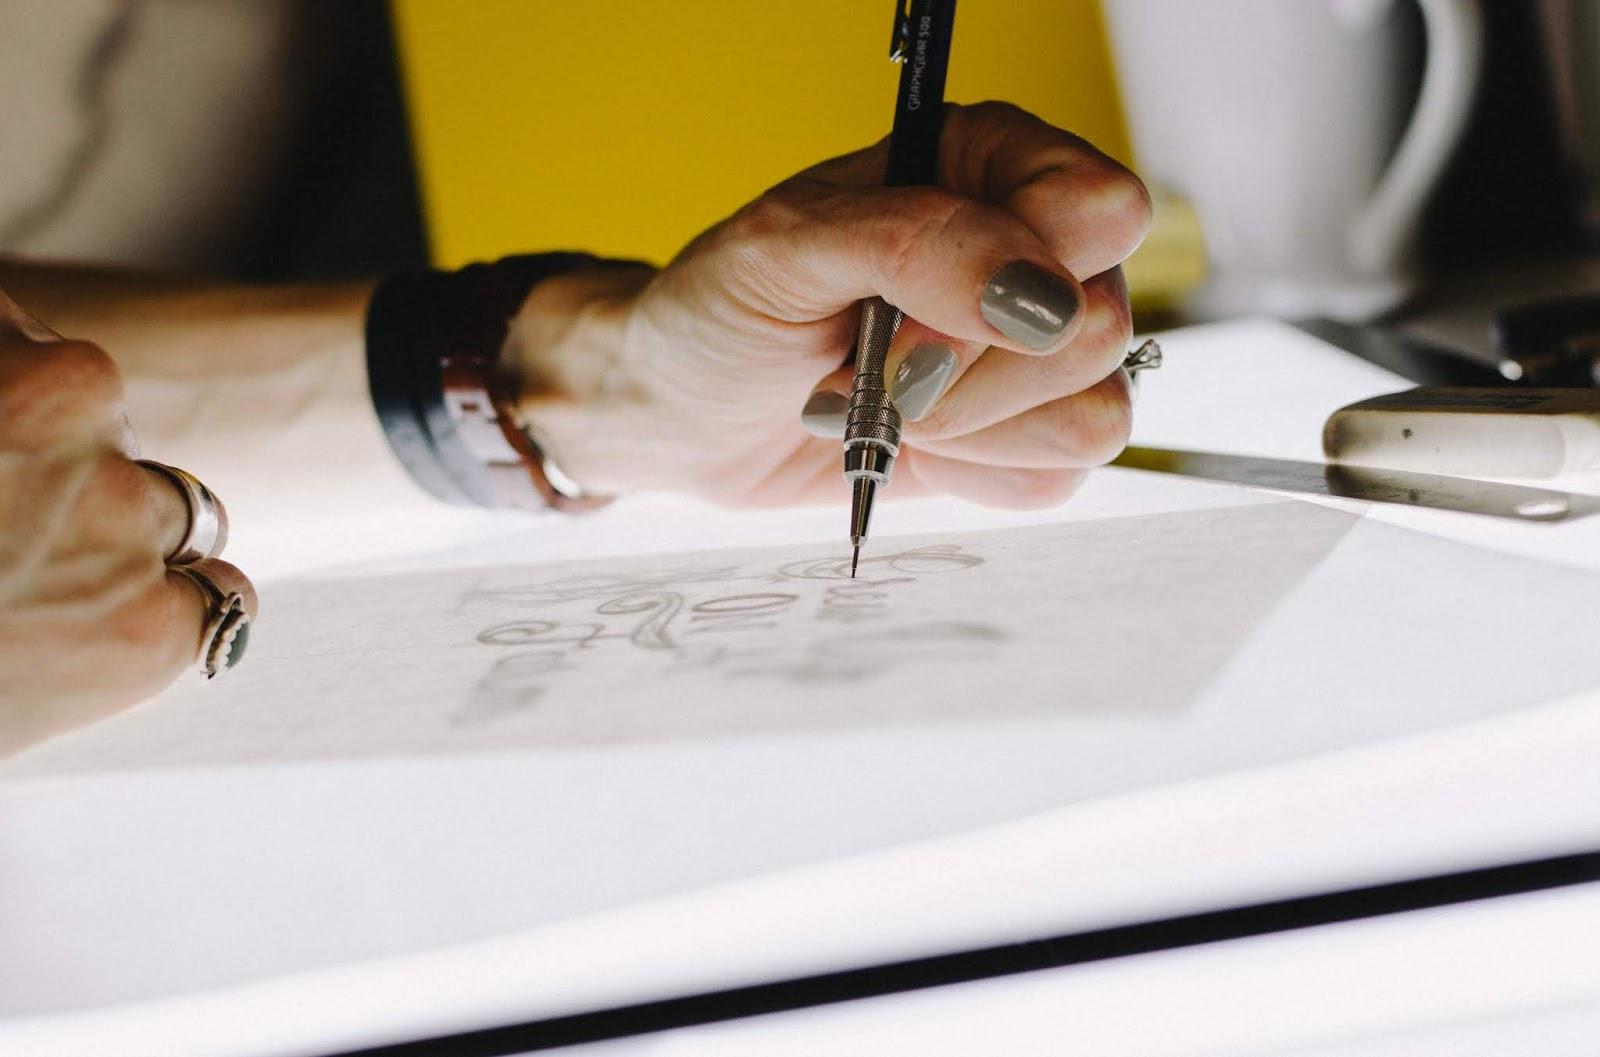 menjadi desainer tidak harus kuliah jurusan desainer